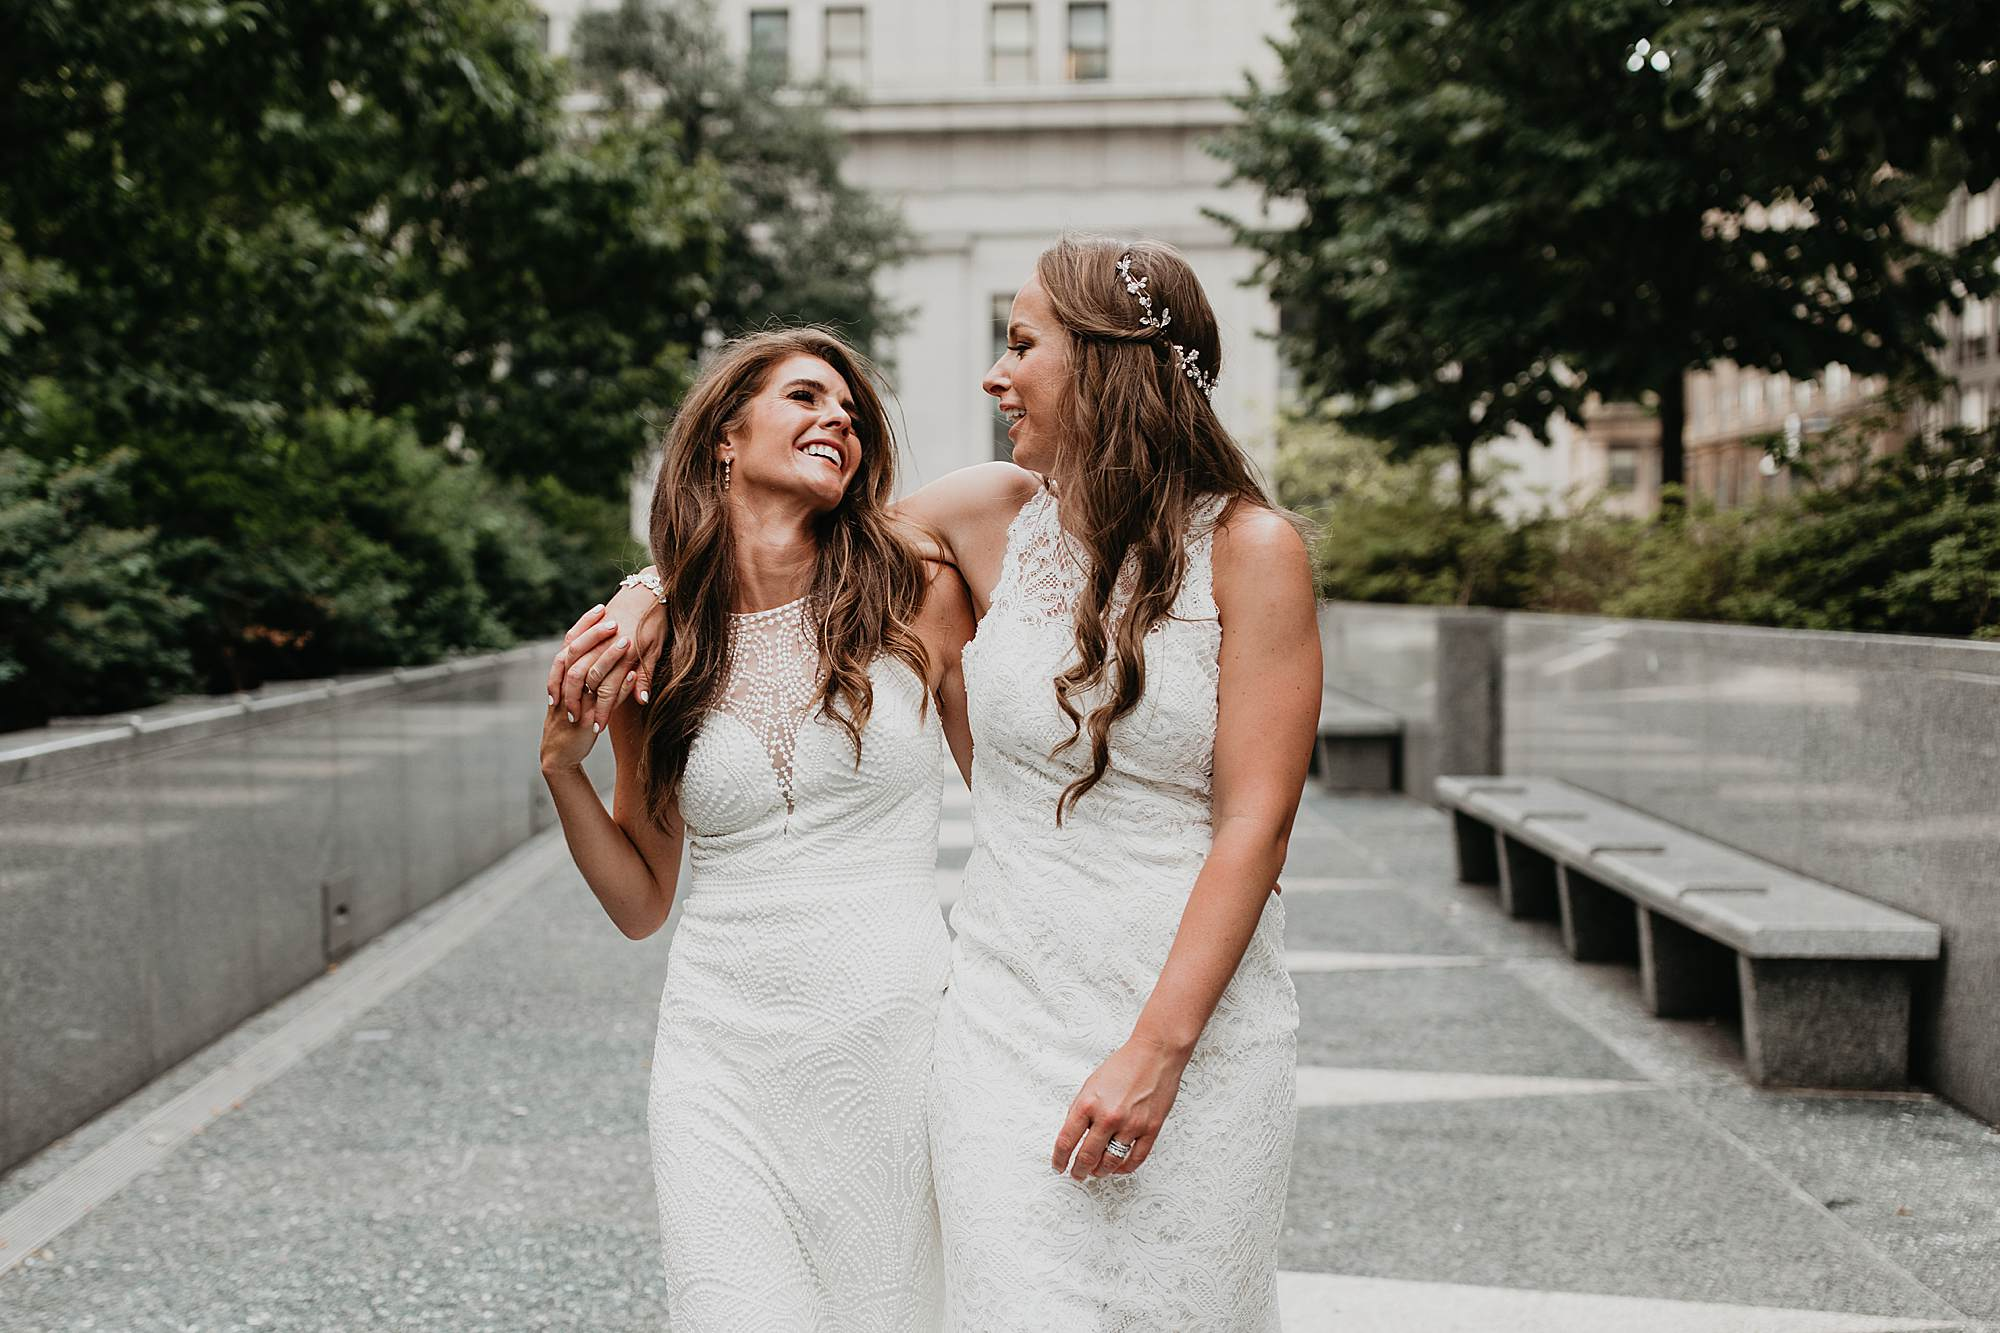 PIttsburgh Wedding Photography, Pittsburgh Gay Wedding